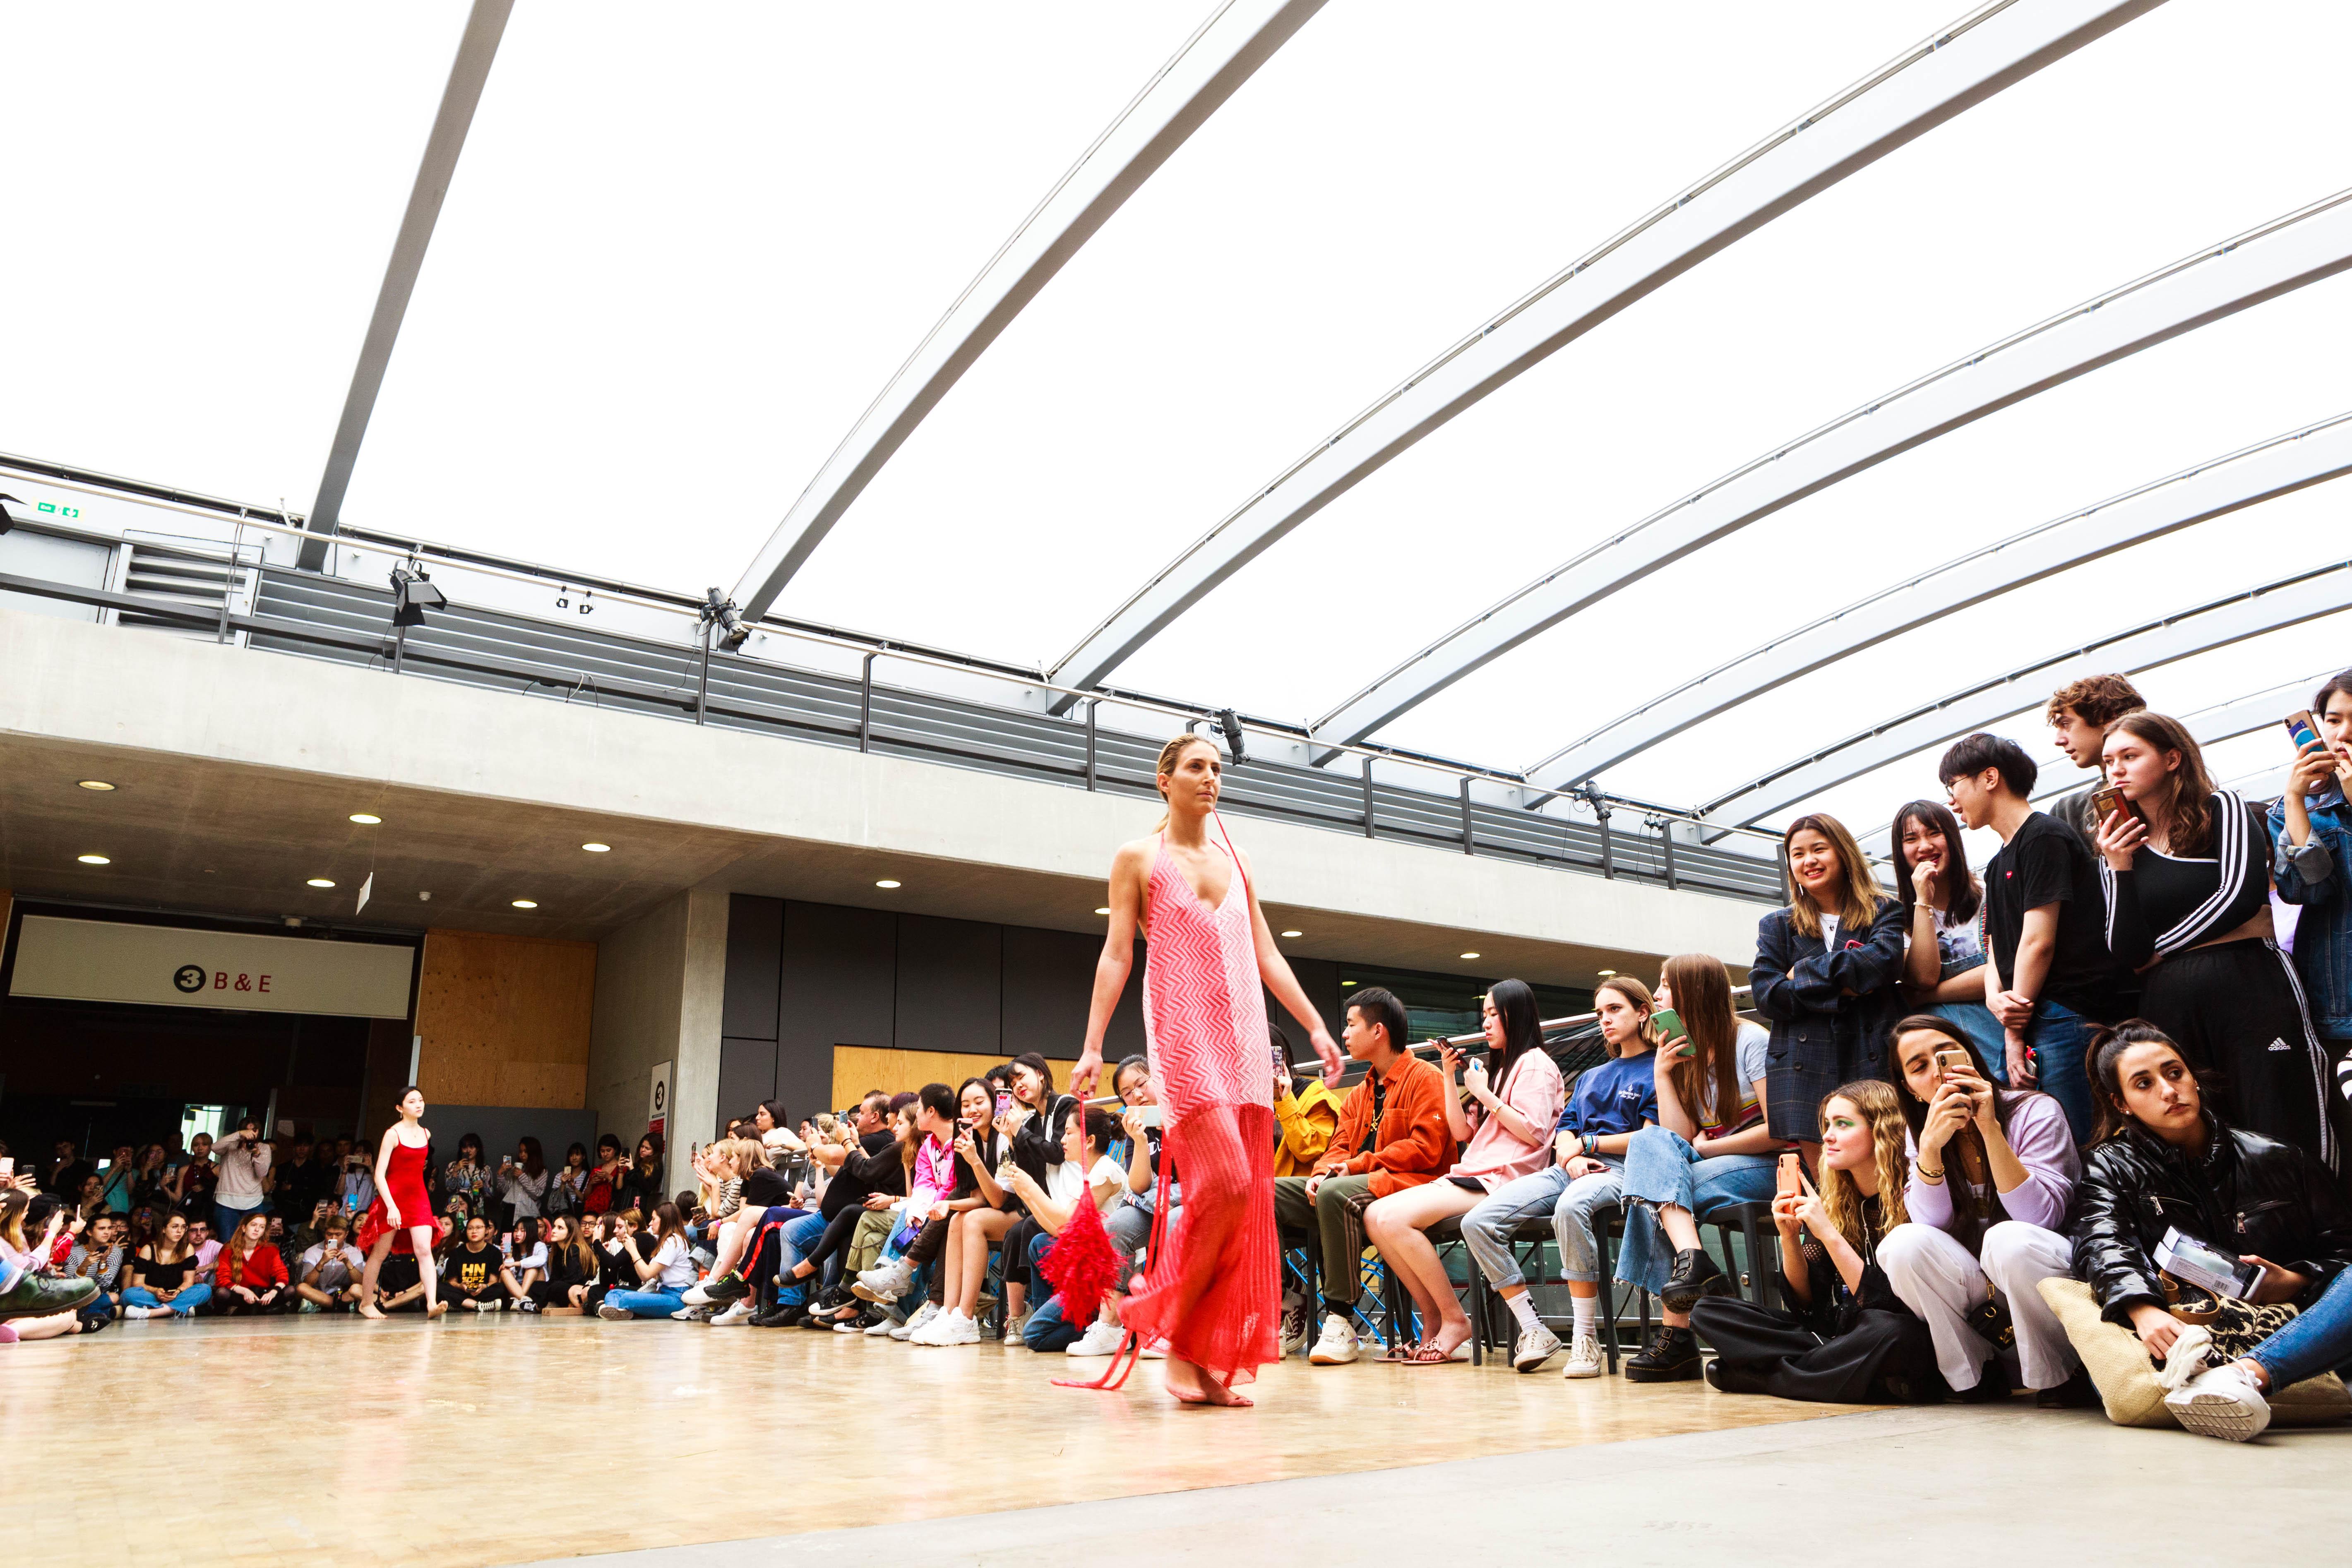 Experimental-Fashion-Knitwear-Study-Abroad.jpg